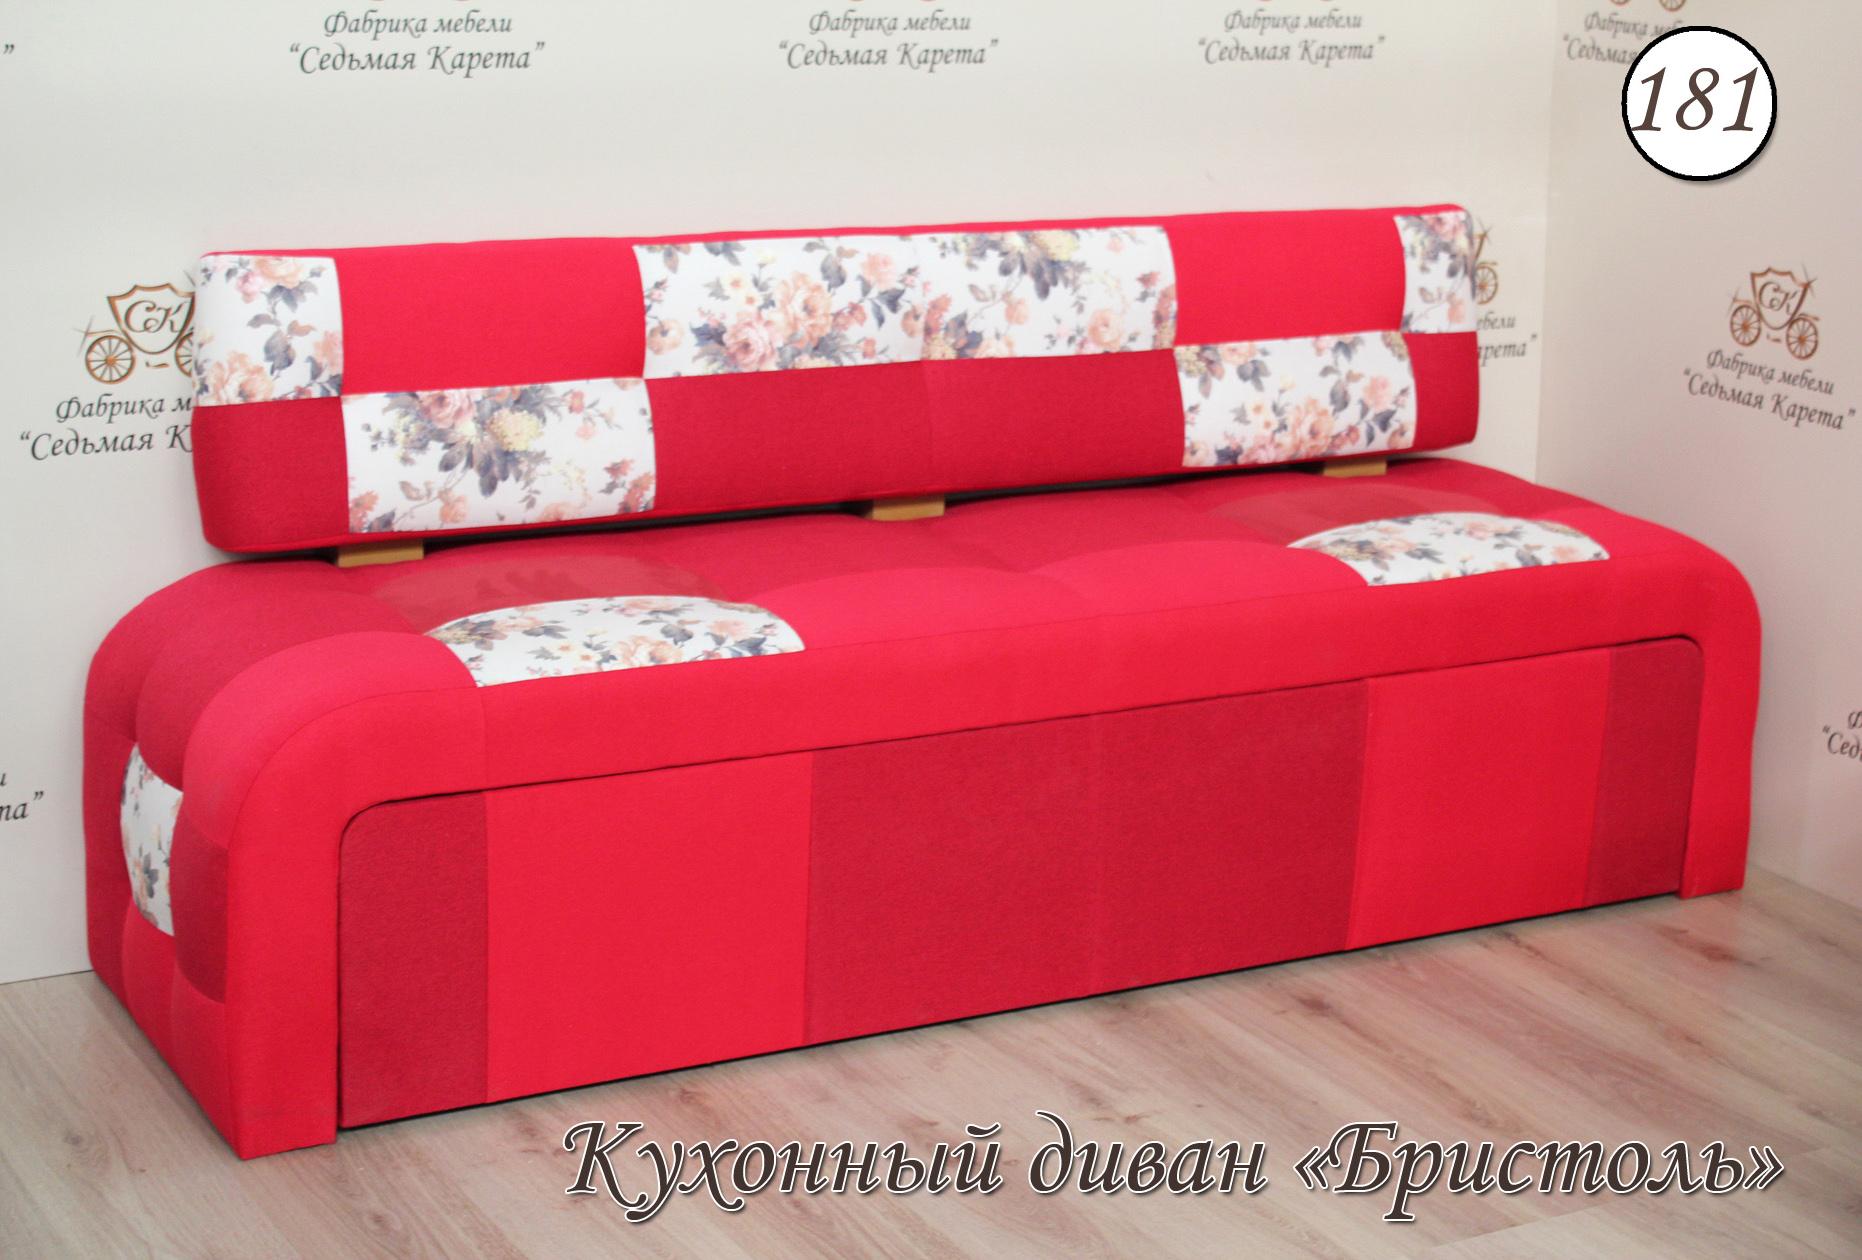 Кухонный диван Бристоль-181 фото